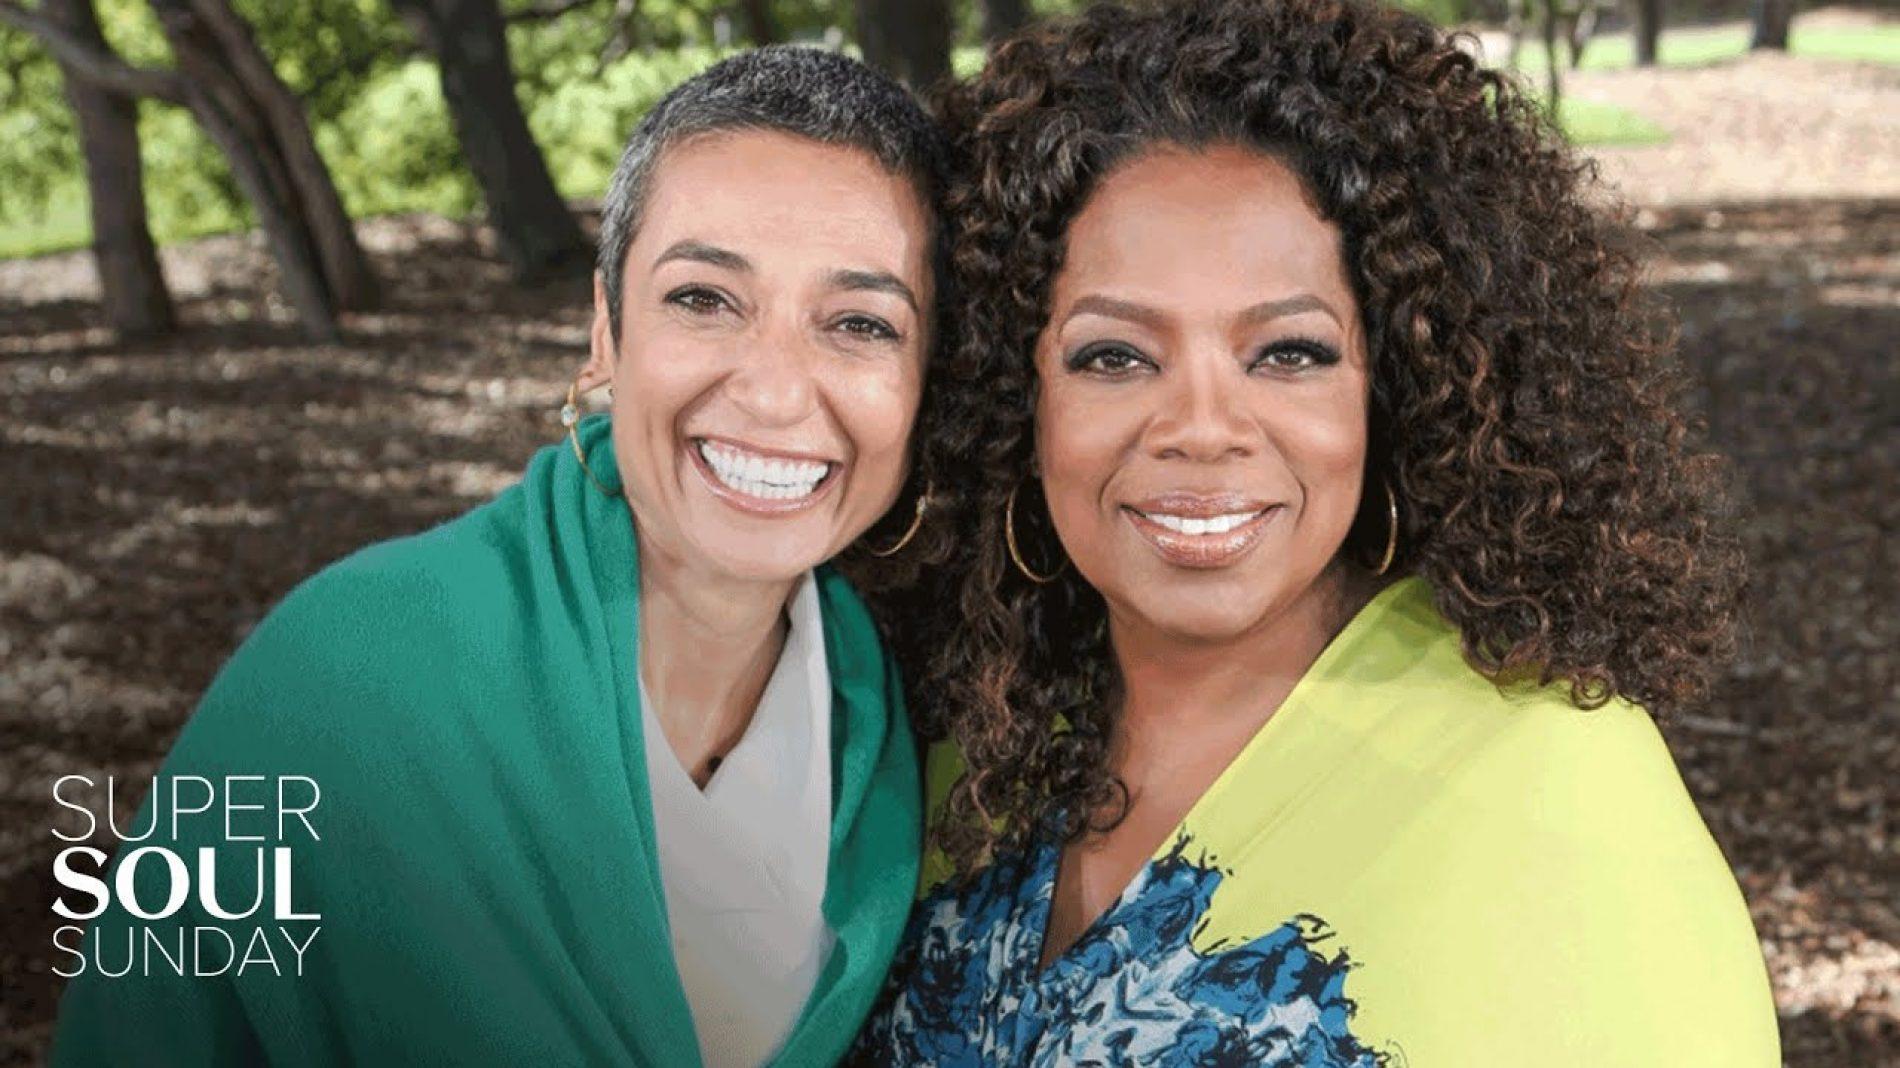 Gošća Oprah Winfrey u emisiji otkrila kako su se Sarajke ljepotom borile protiv agresora i snajpera!